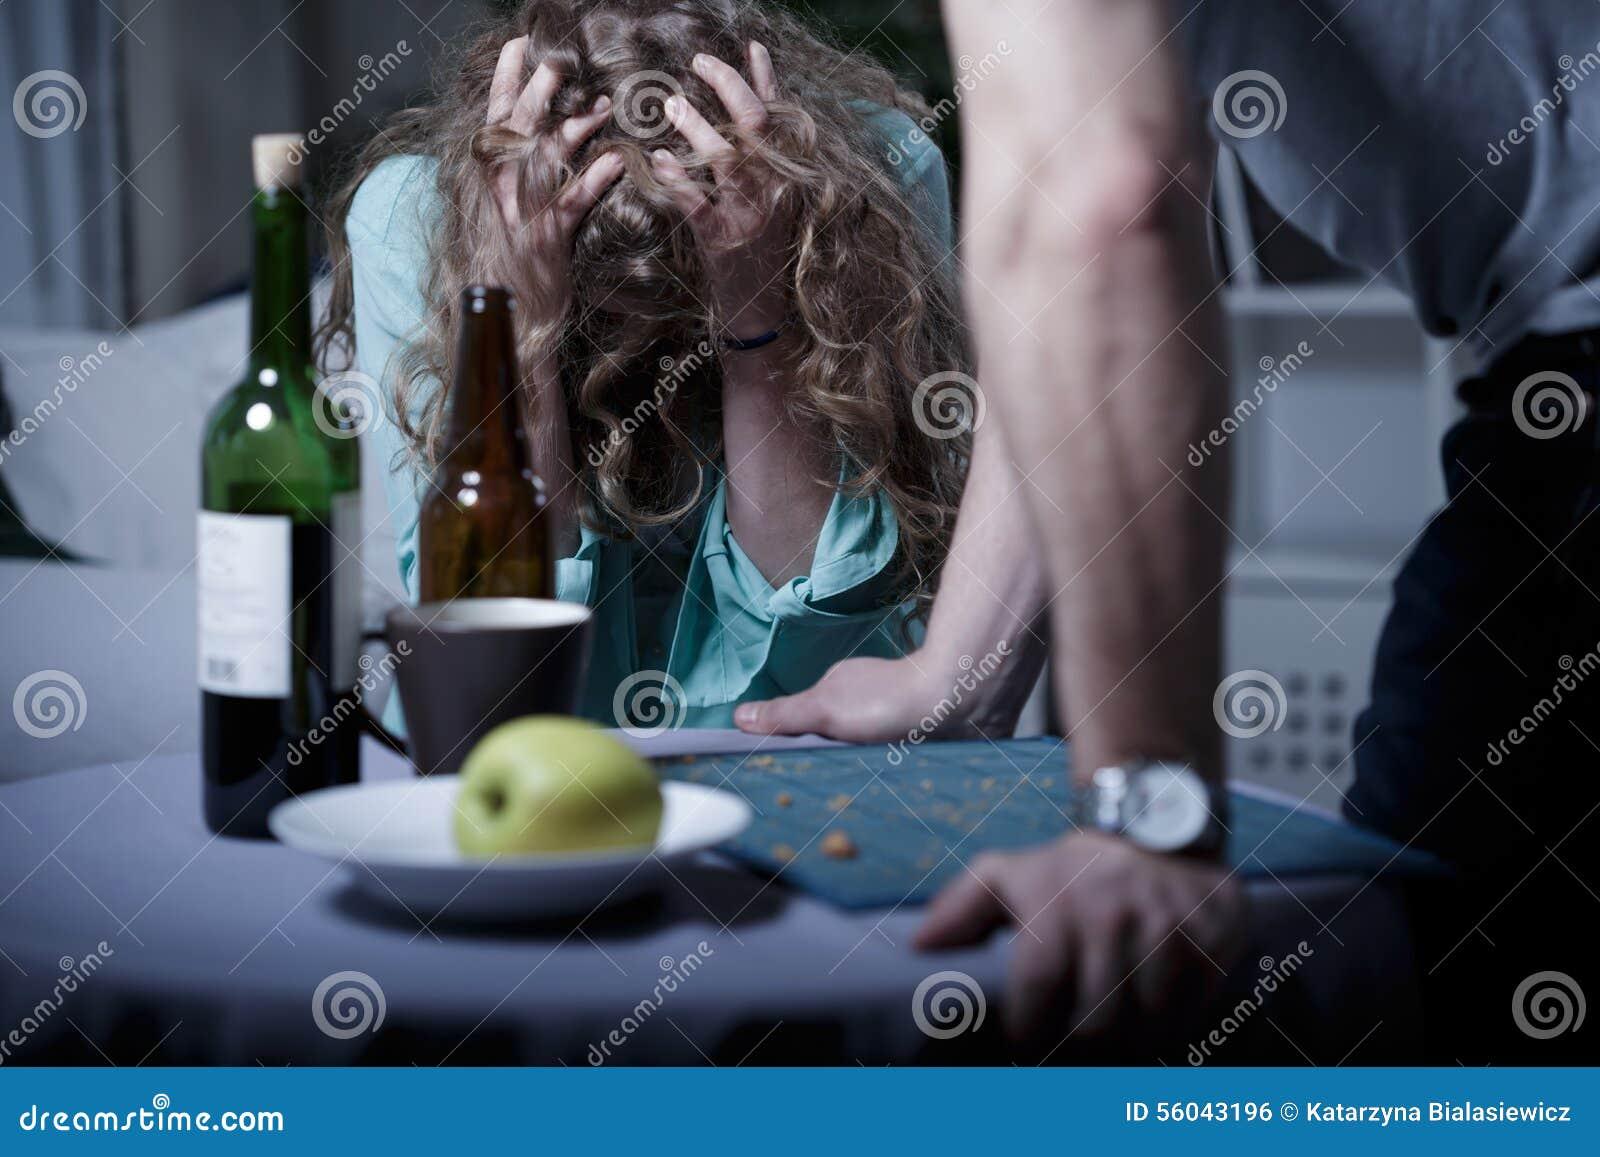 Marito aggressivo ubriaco